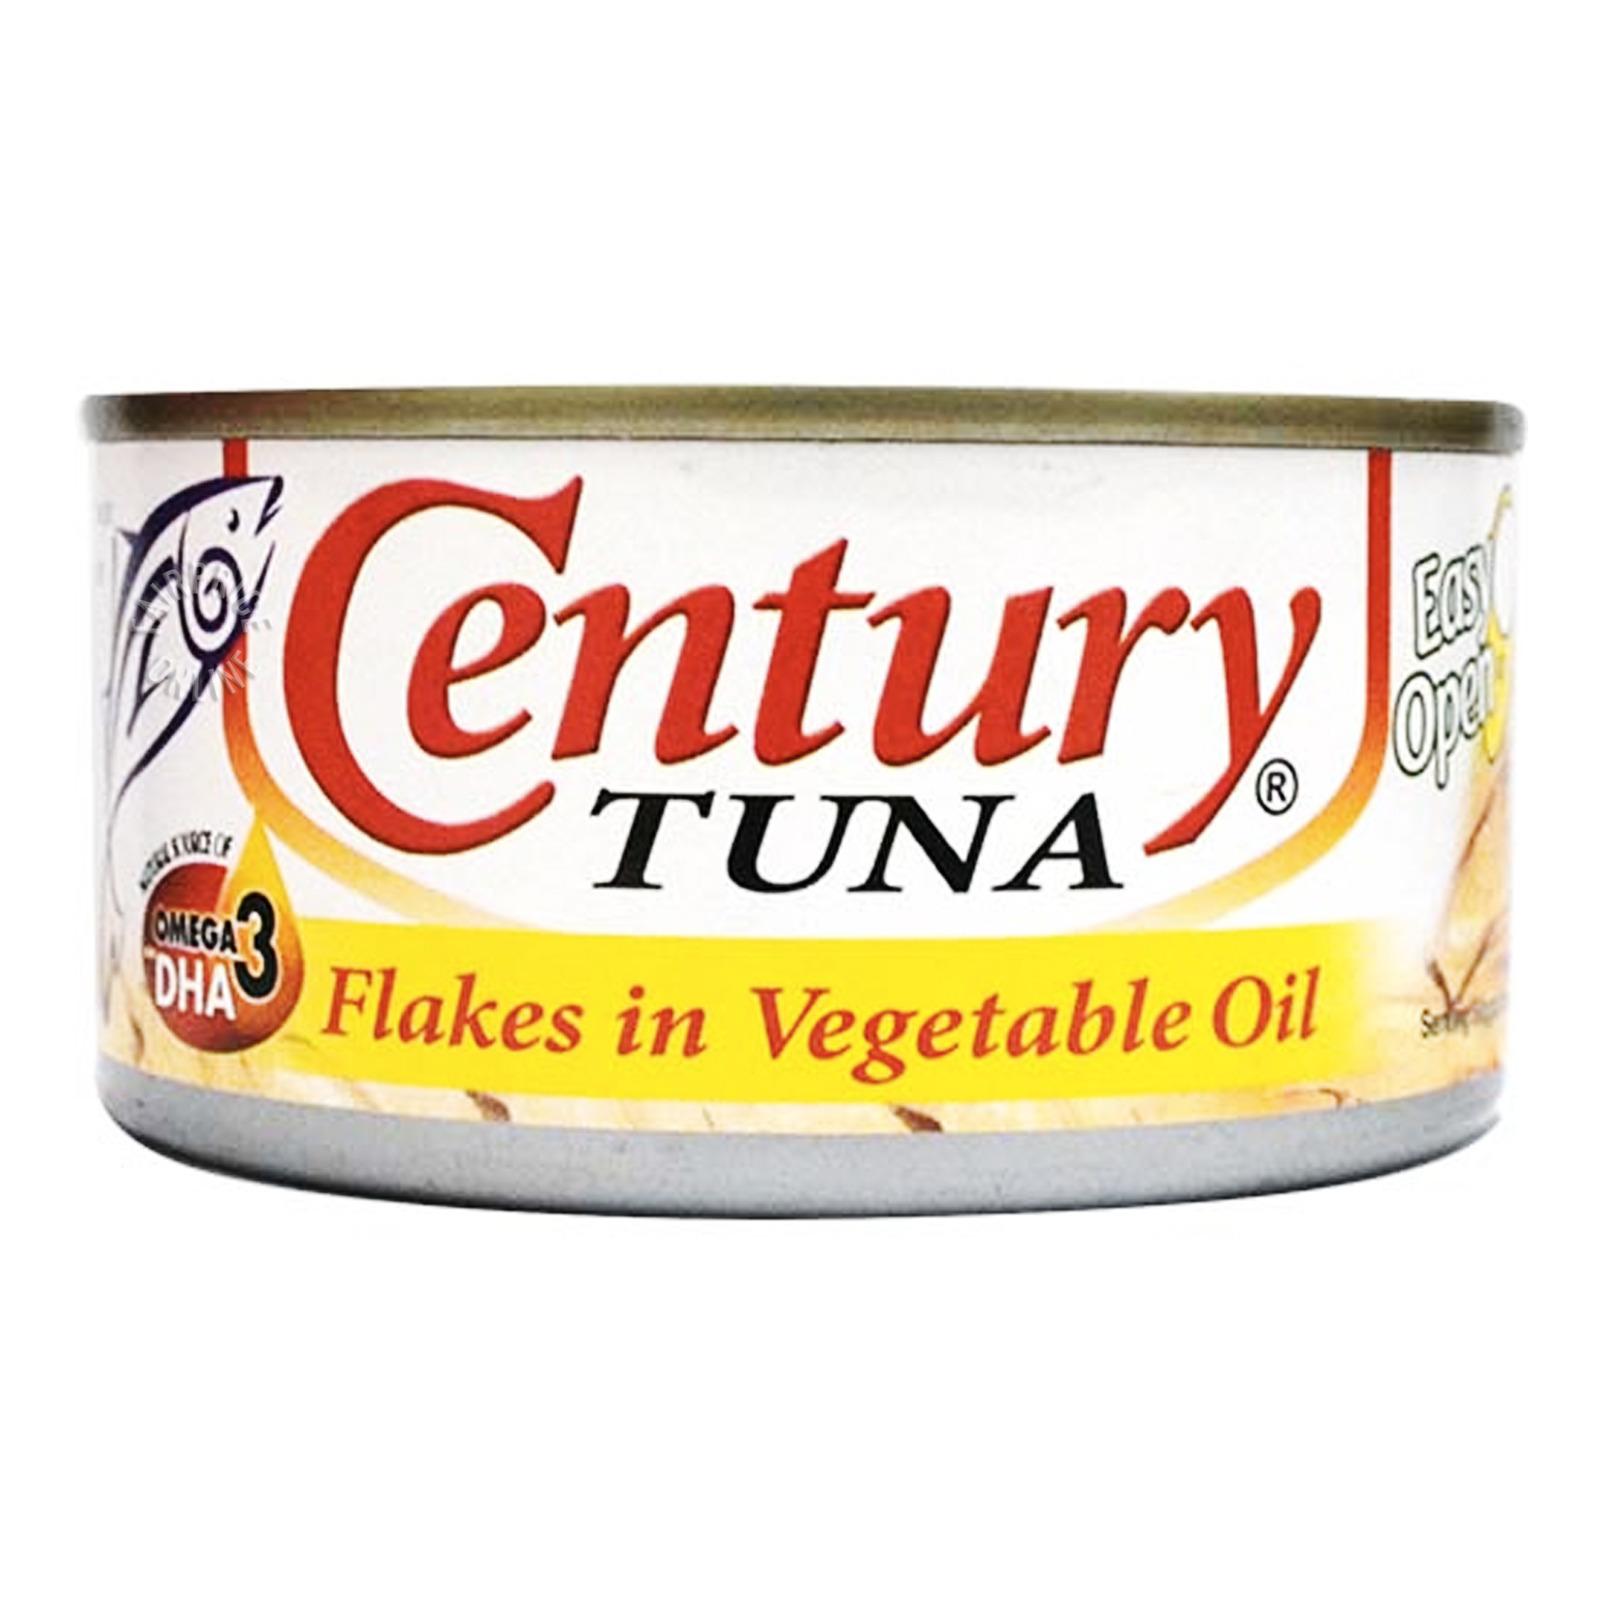 Century Tuna Flakes - Vegetable Oil